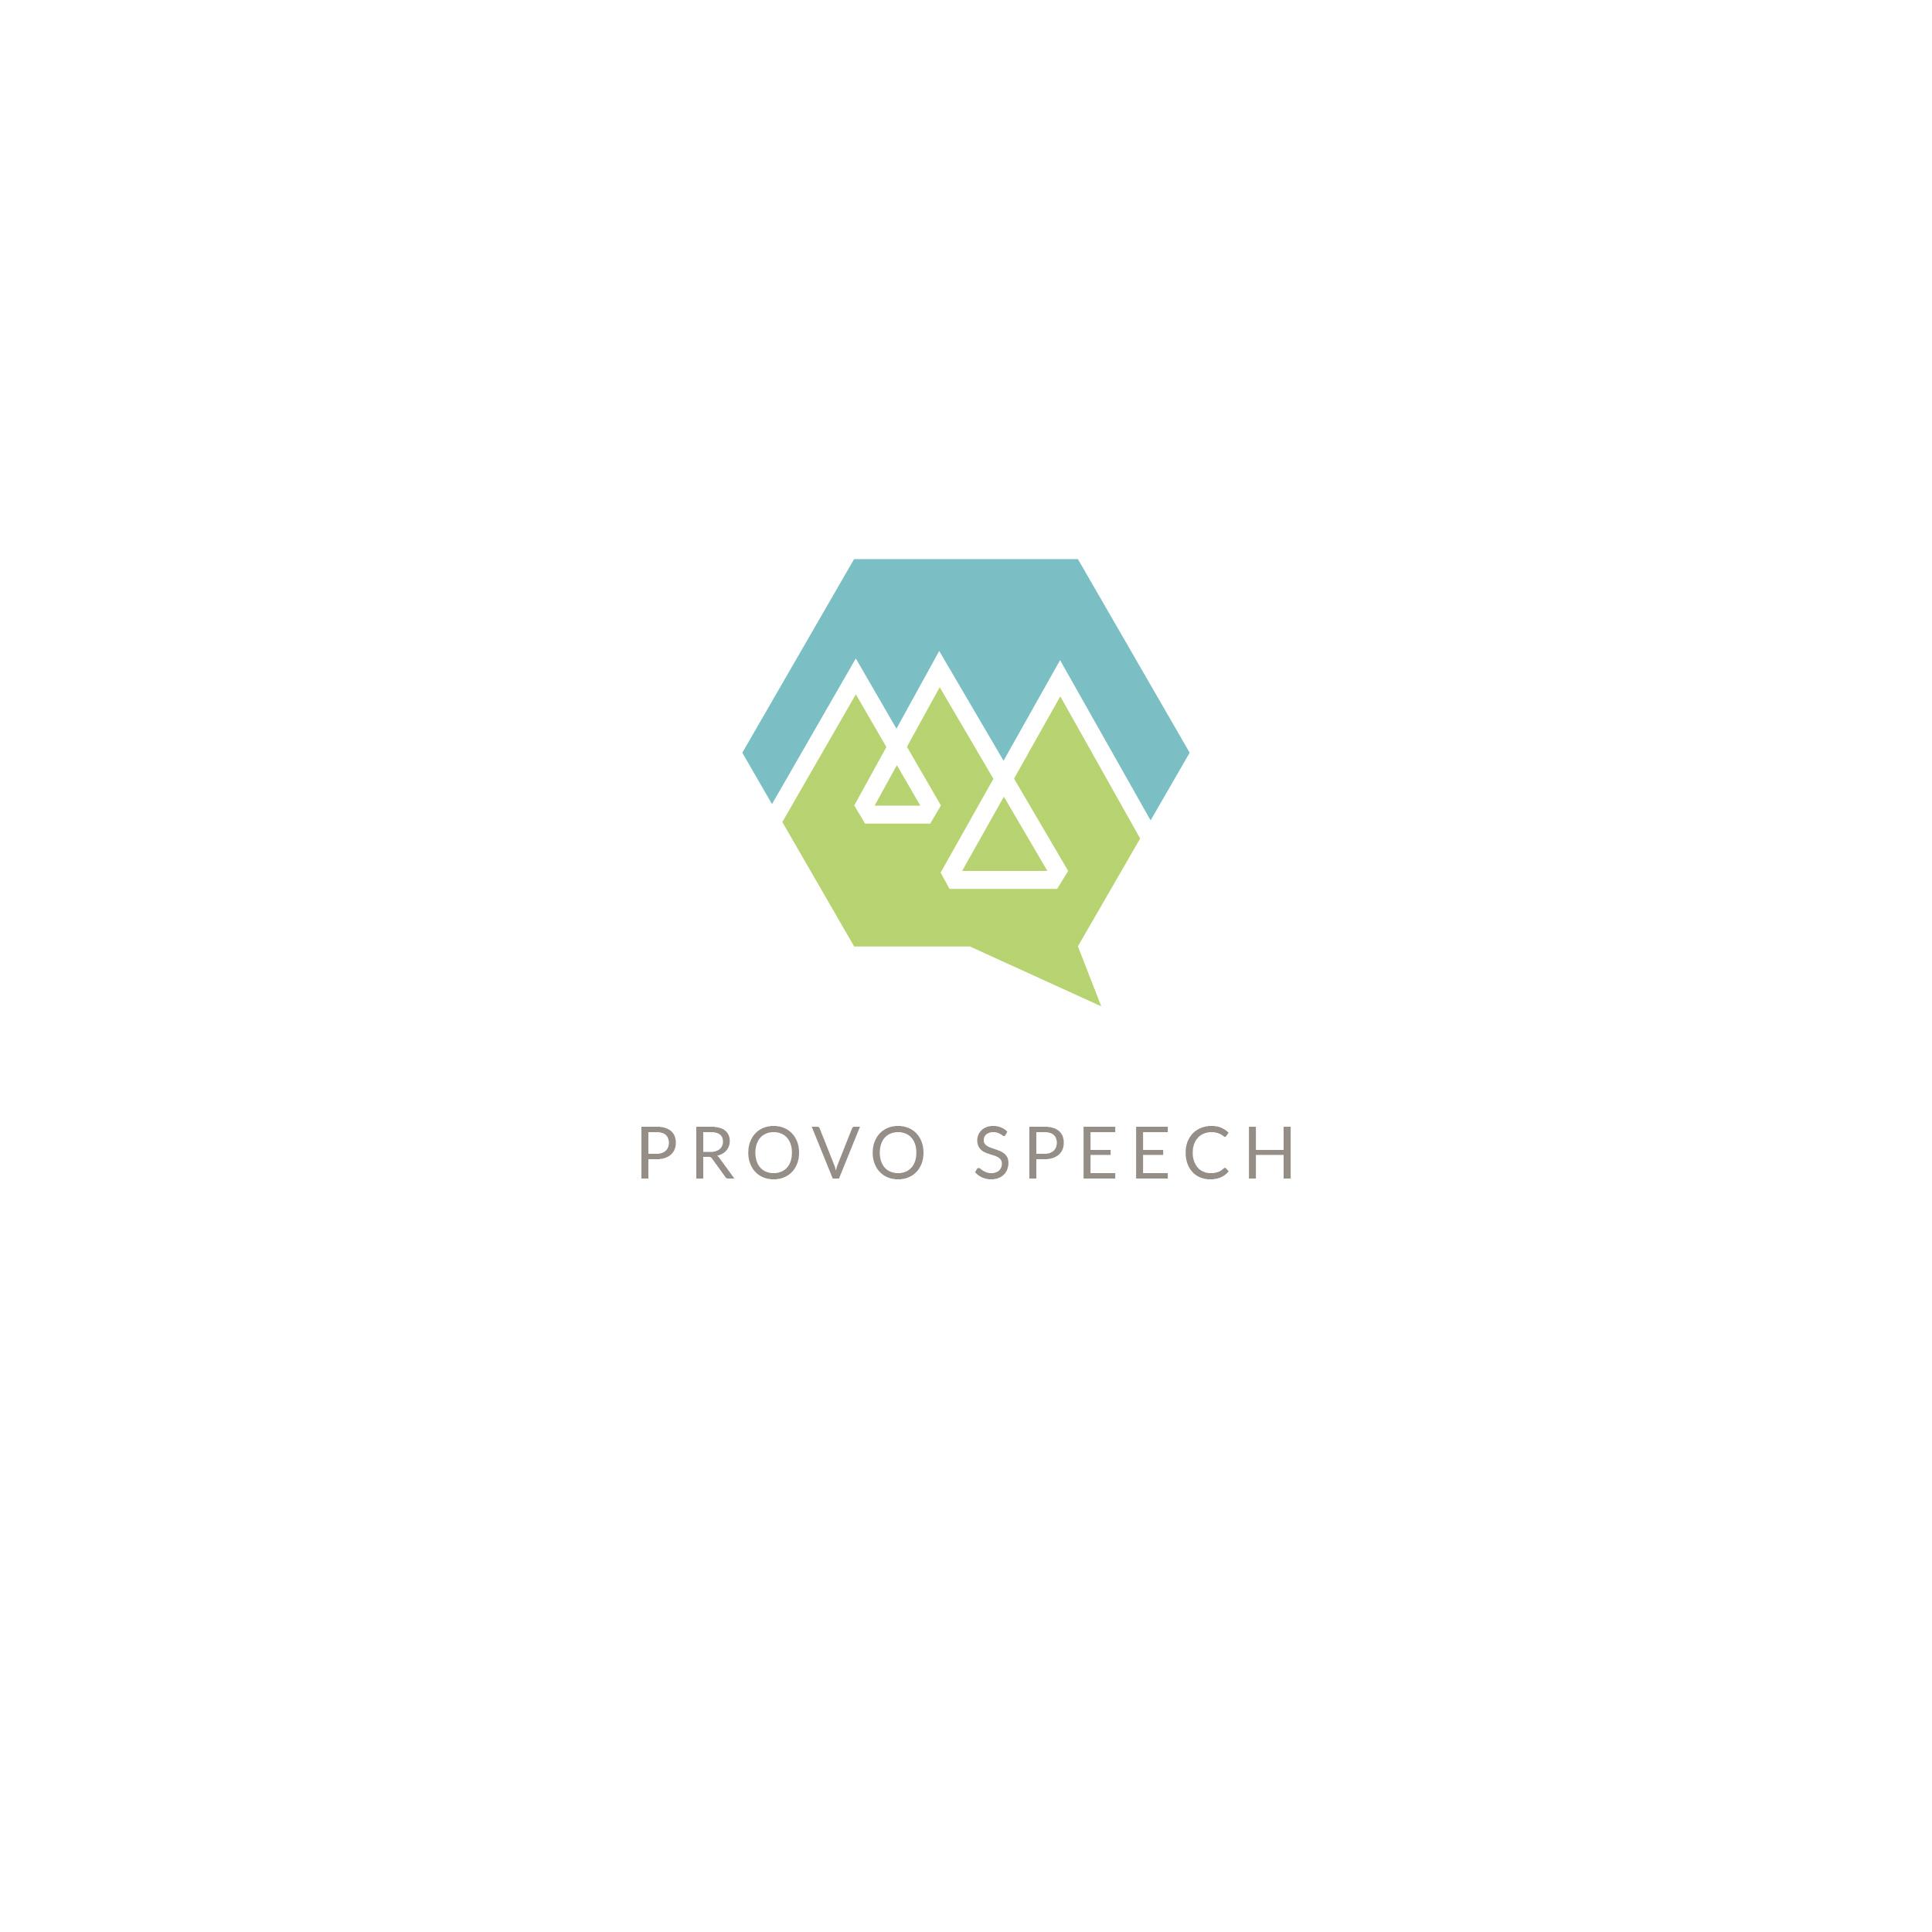 ProvoSpeechLogo_V3-02.jpg